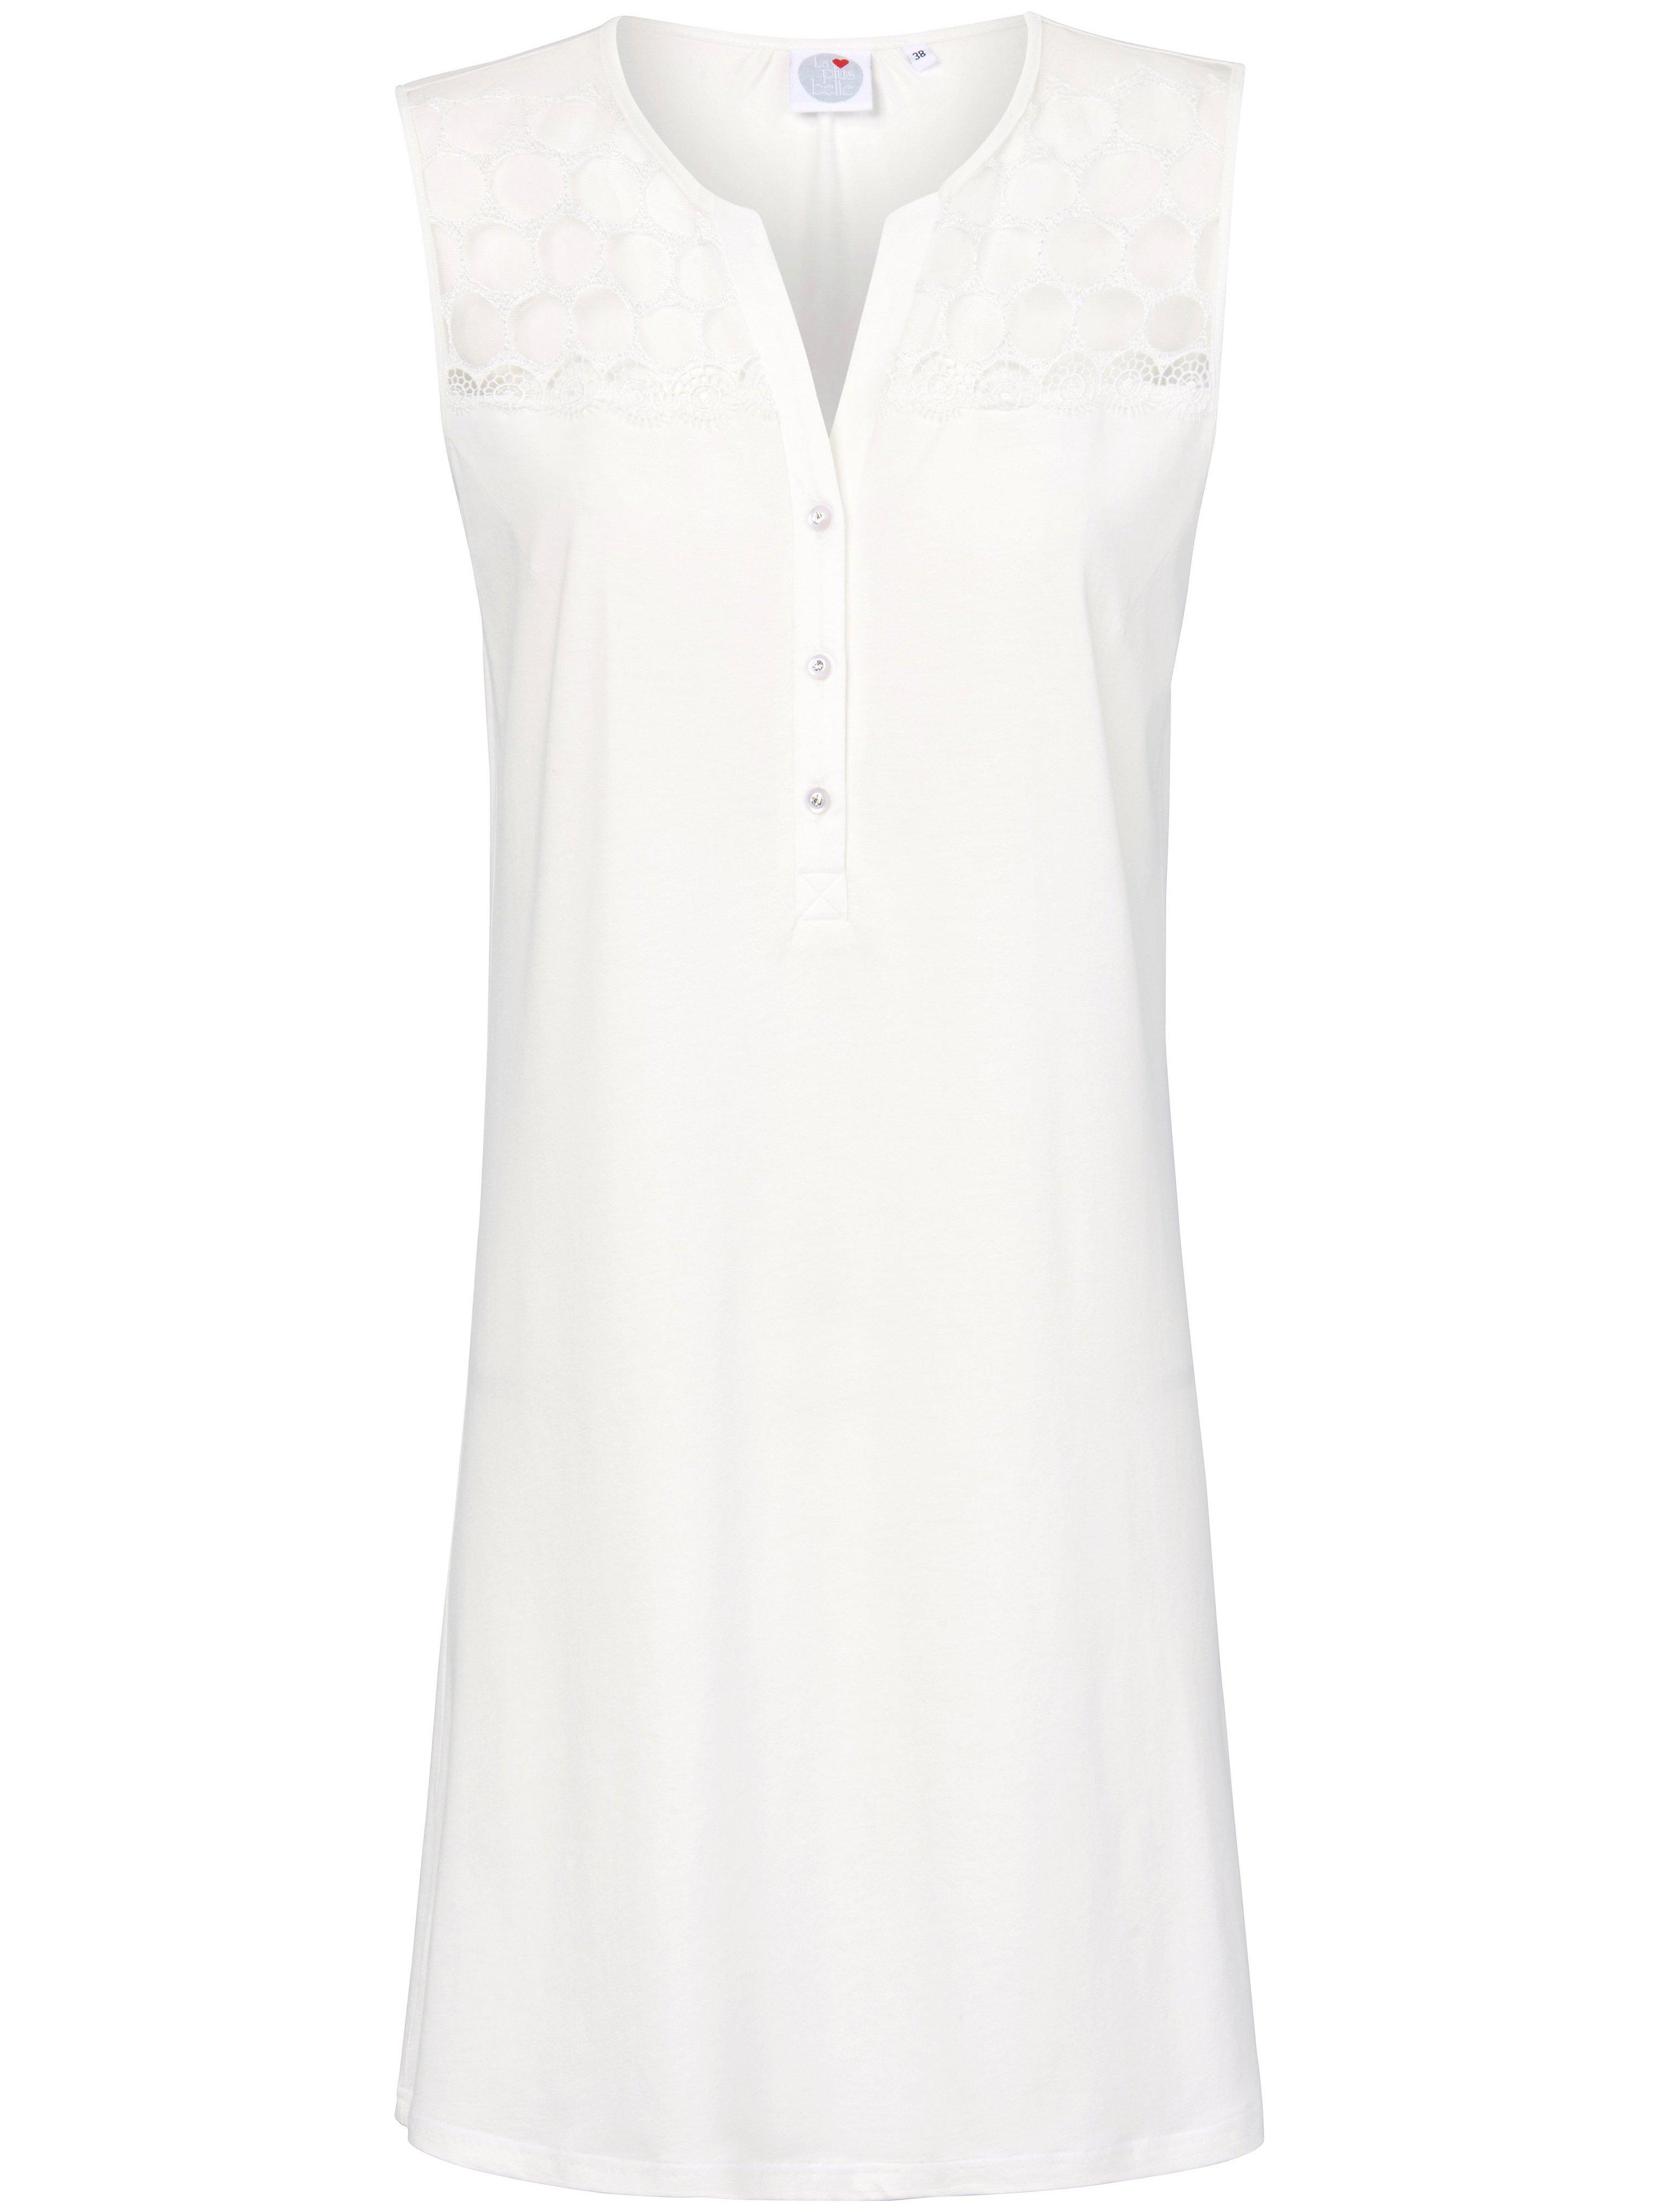 La chemise nuit sans manches  La plus belle beige taille 48